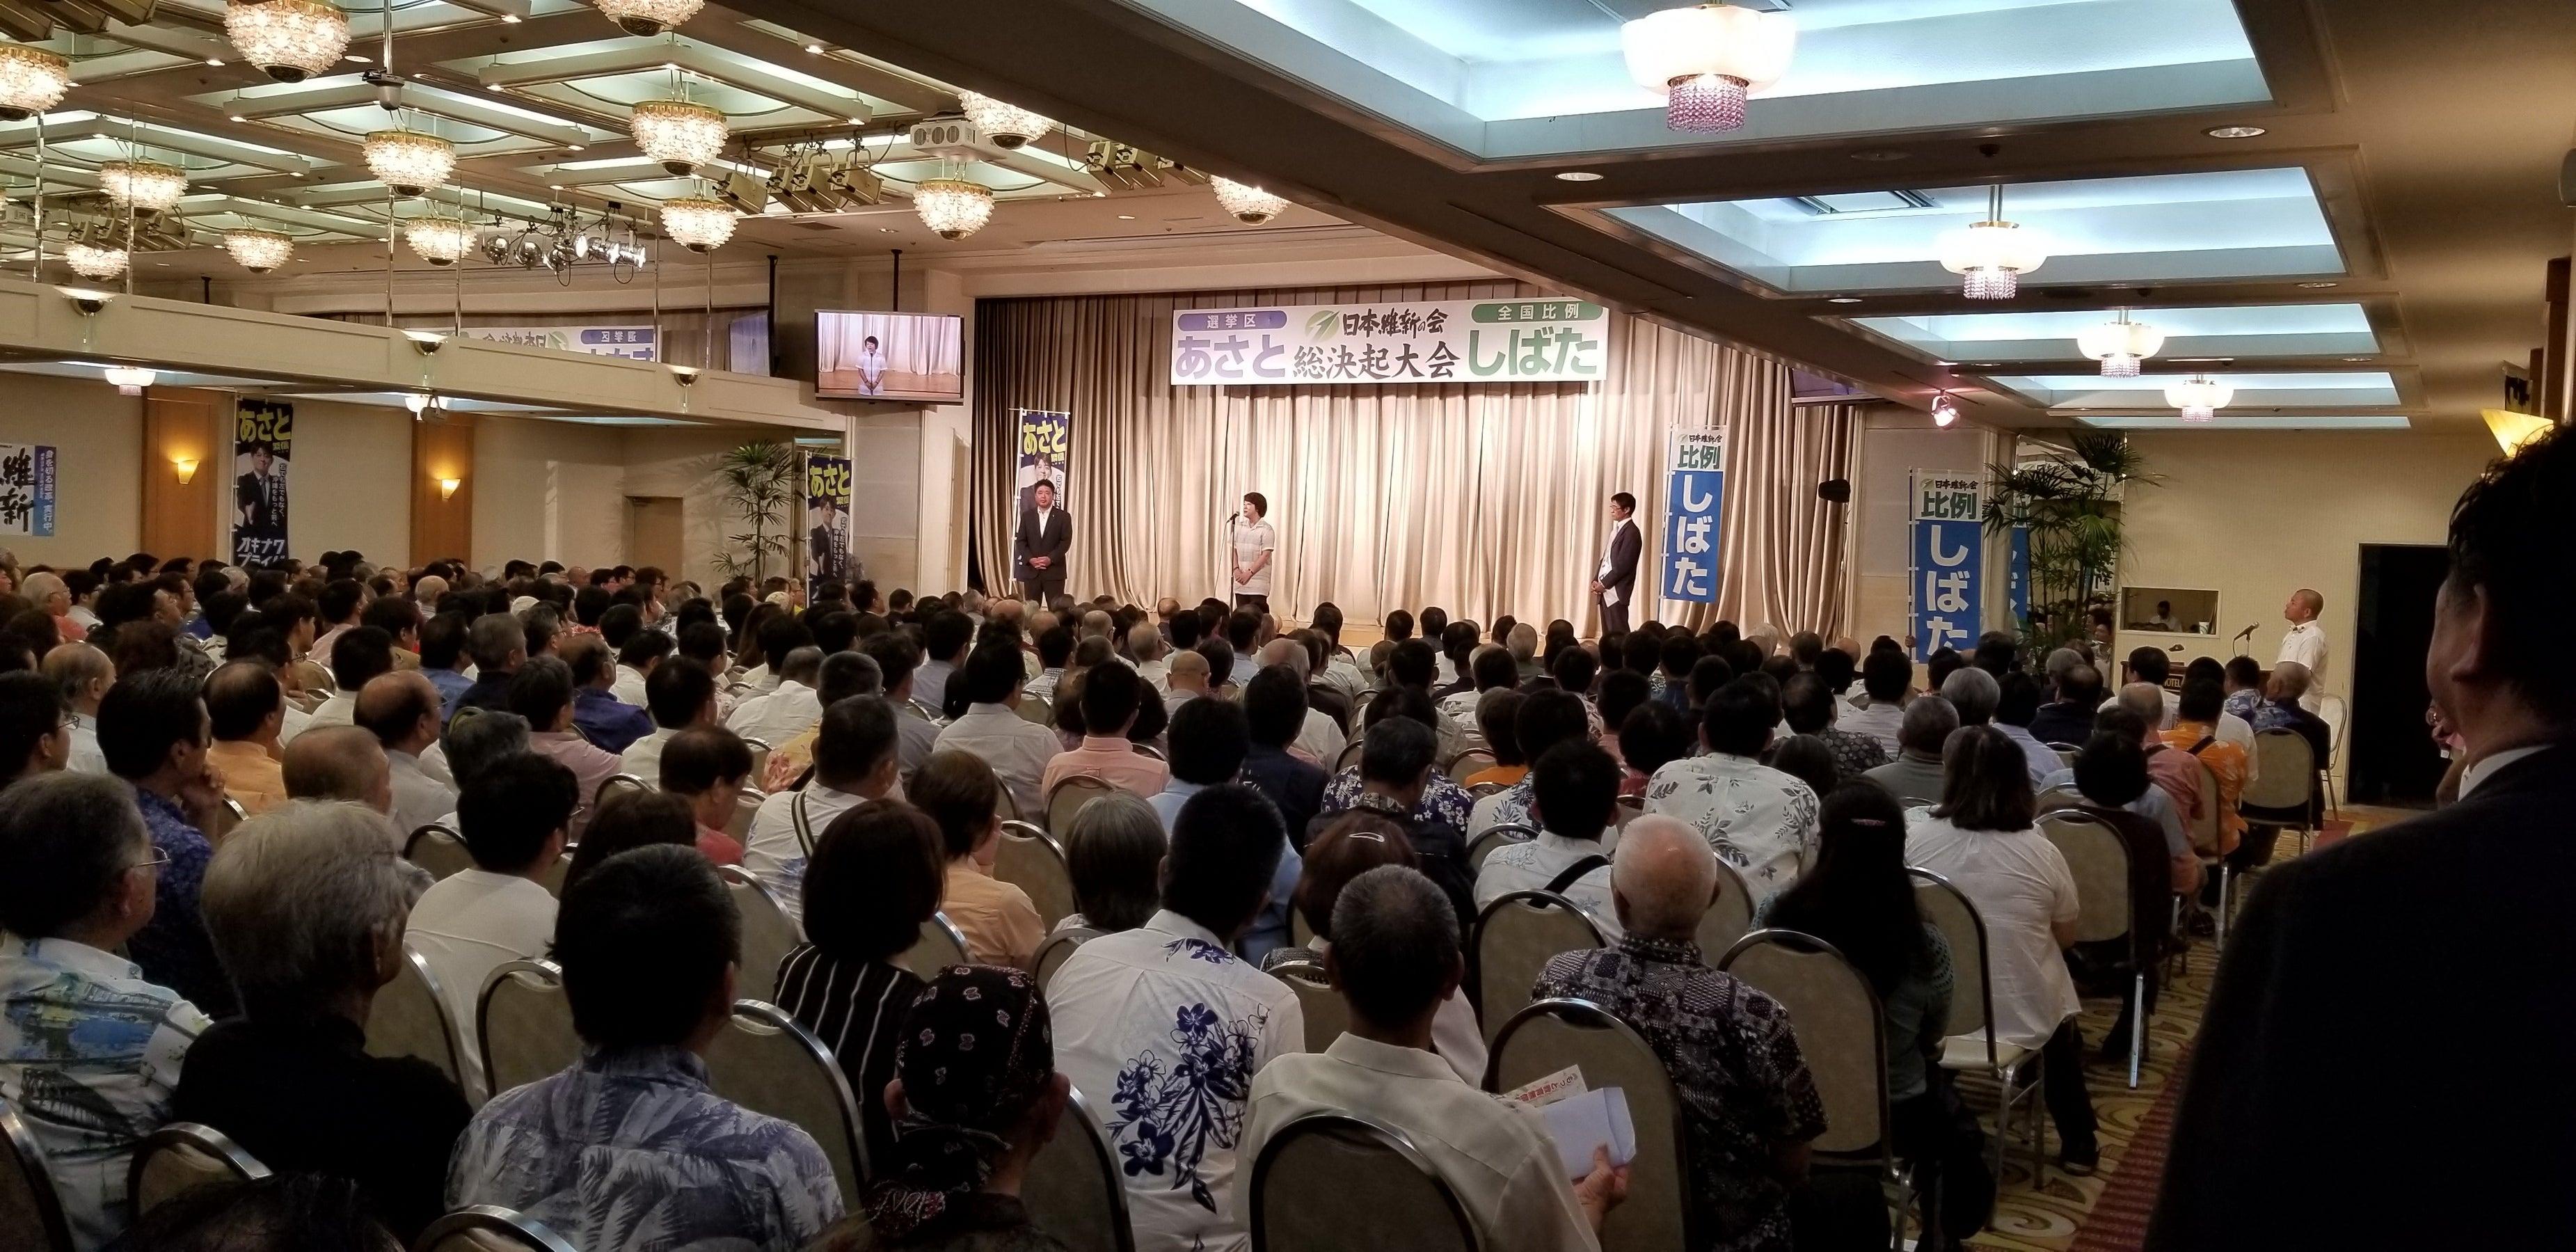 記事 沖縄の熱いご支援に心から感謝です の記事内画像